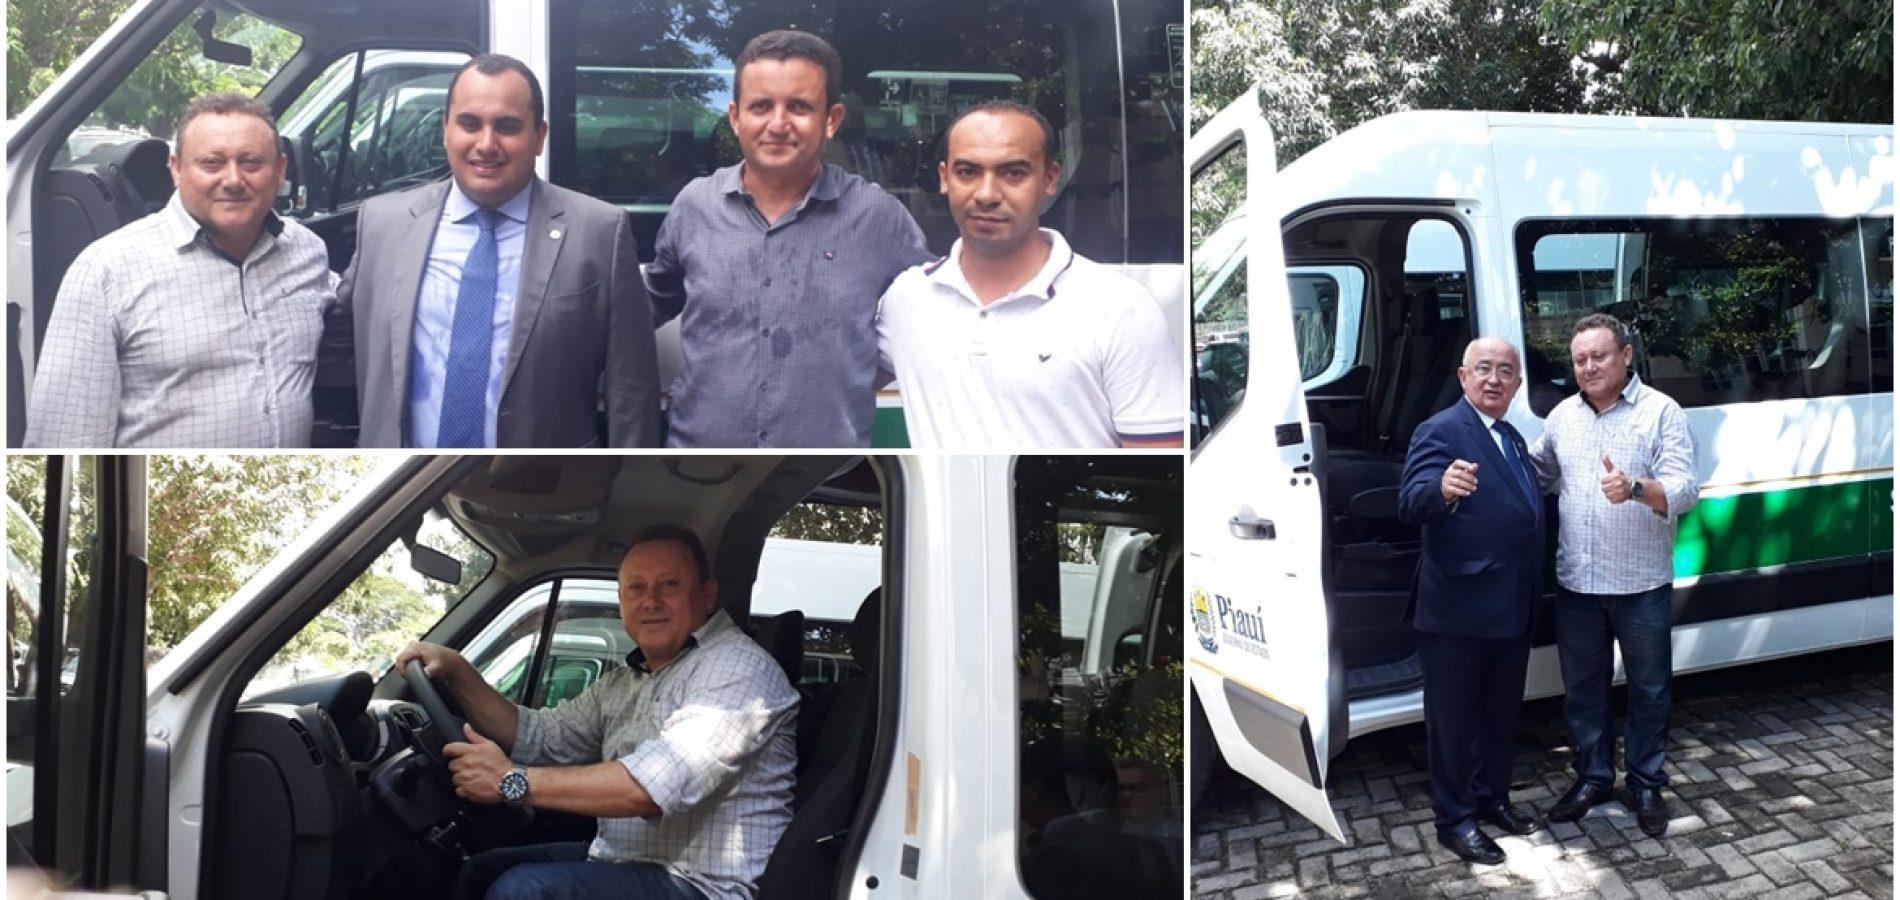 Com emenda de Júlio César, prefeito Edilson Brito adquire van para transporte de pacientes em Vila Nova do PI